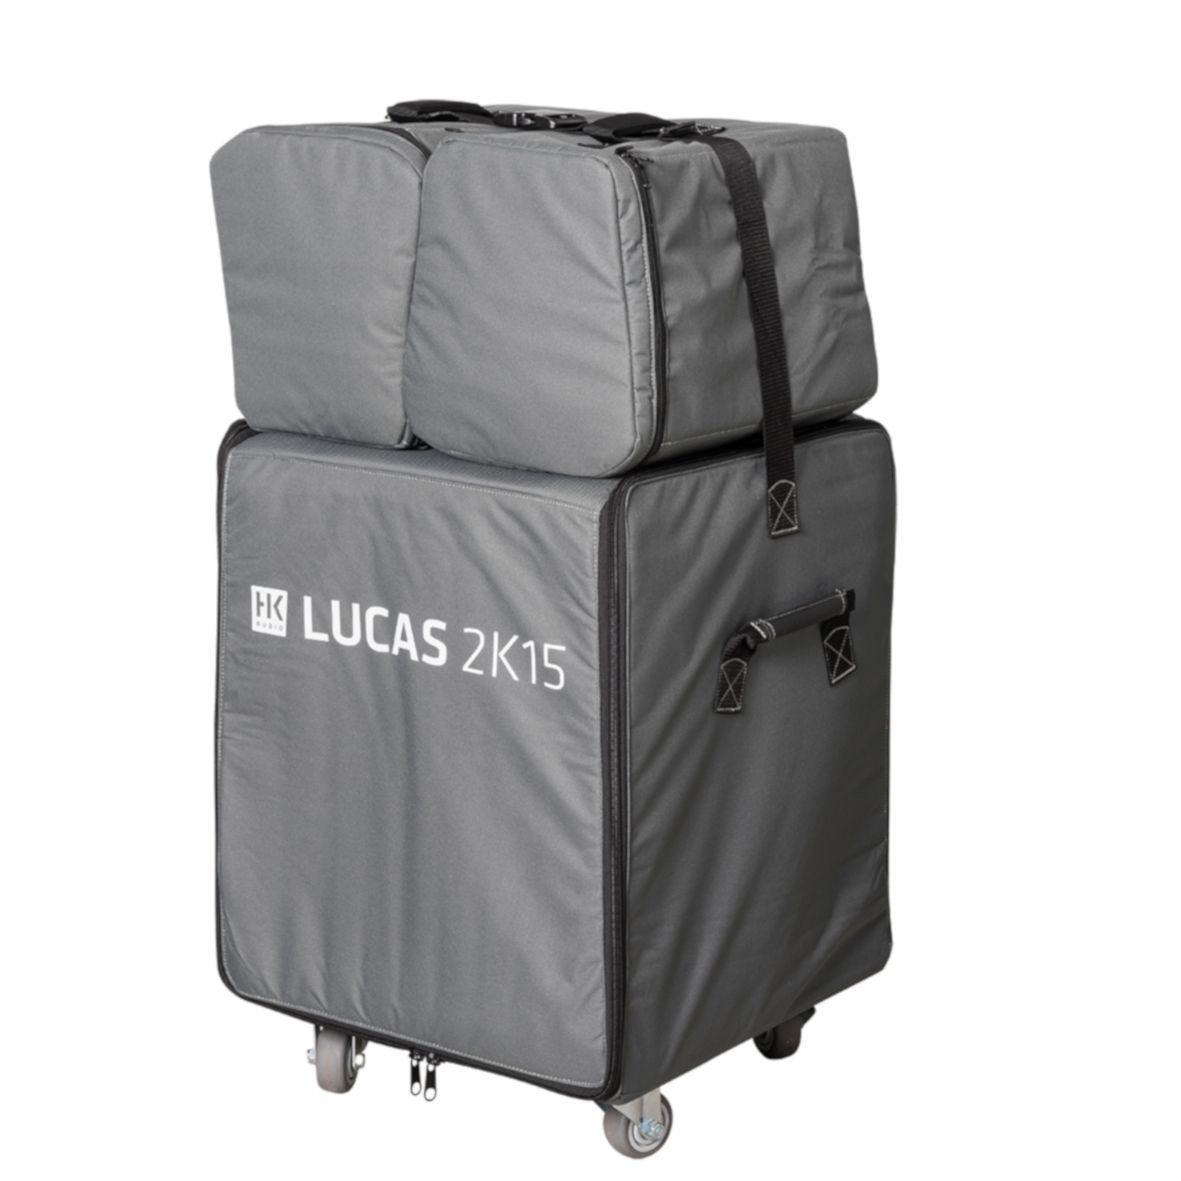 HK Audio Lucas 2K15 Roller Bag Schutzhüllen SET mit Rollbrett